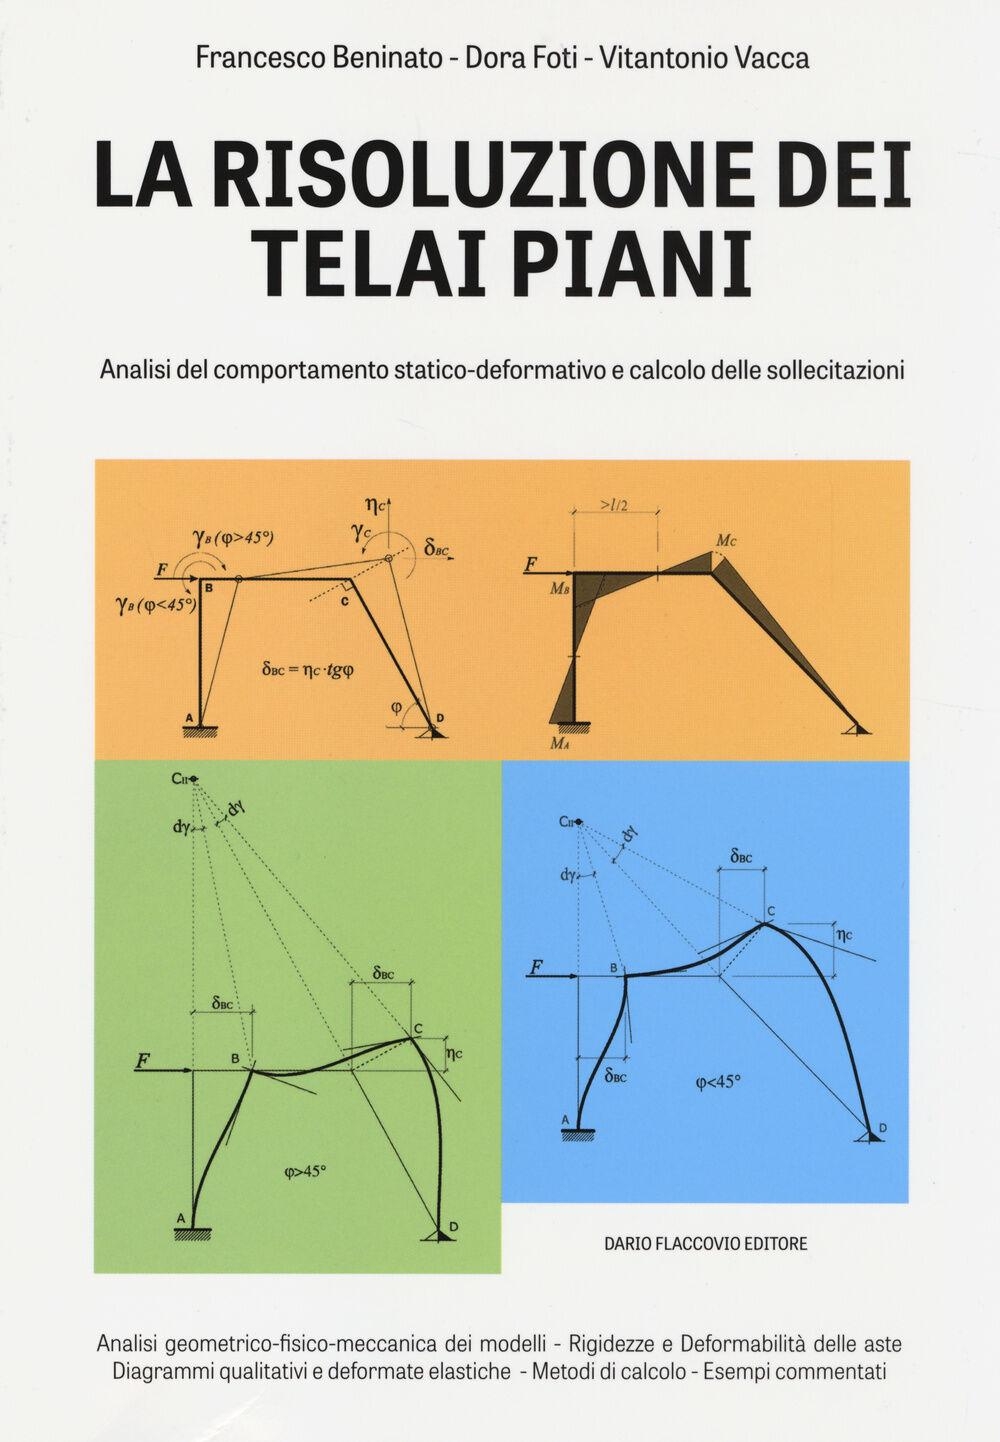 La risoluzione dei teali piani. Analisi del comportamento statico-deformativo e calcolo delle sollecitazioni